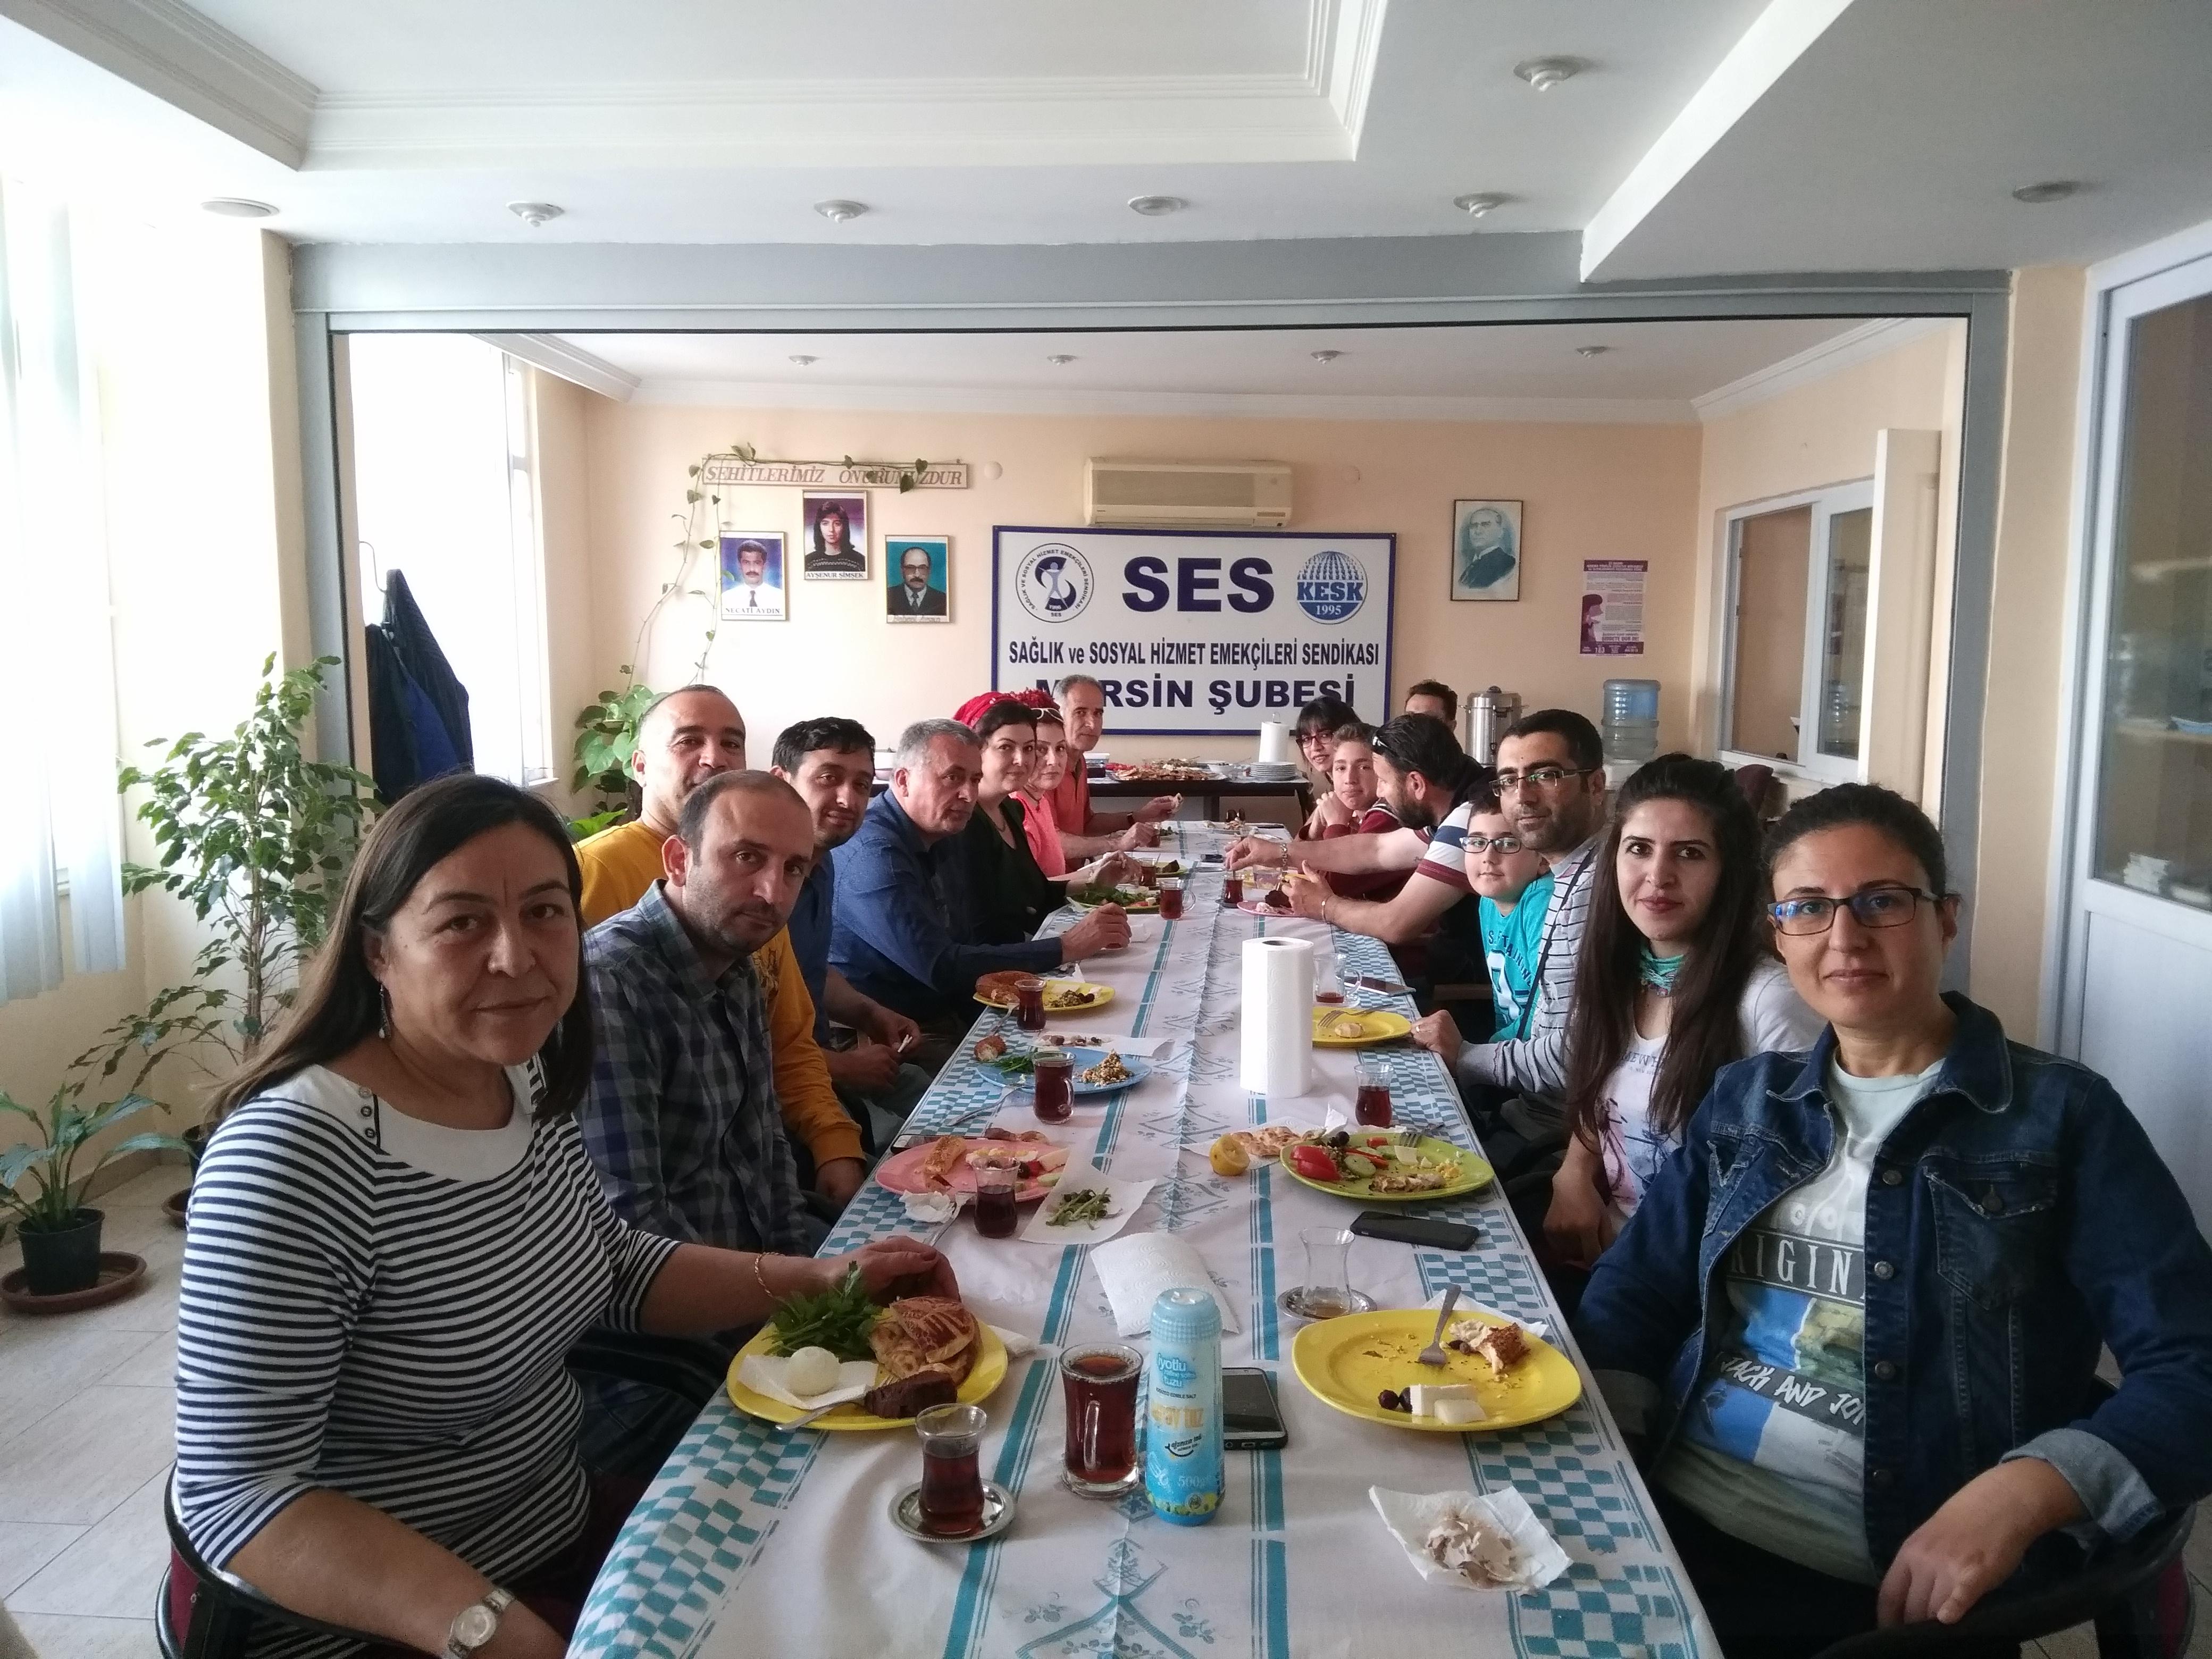 Mersin Şubemiz Üyelerin Katılımıyla Yaptığı Etkinliklerine Devam Ediyor